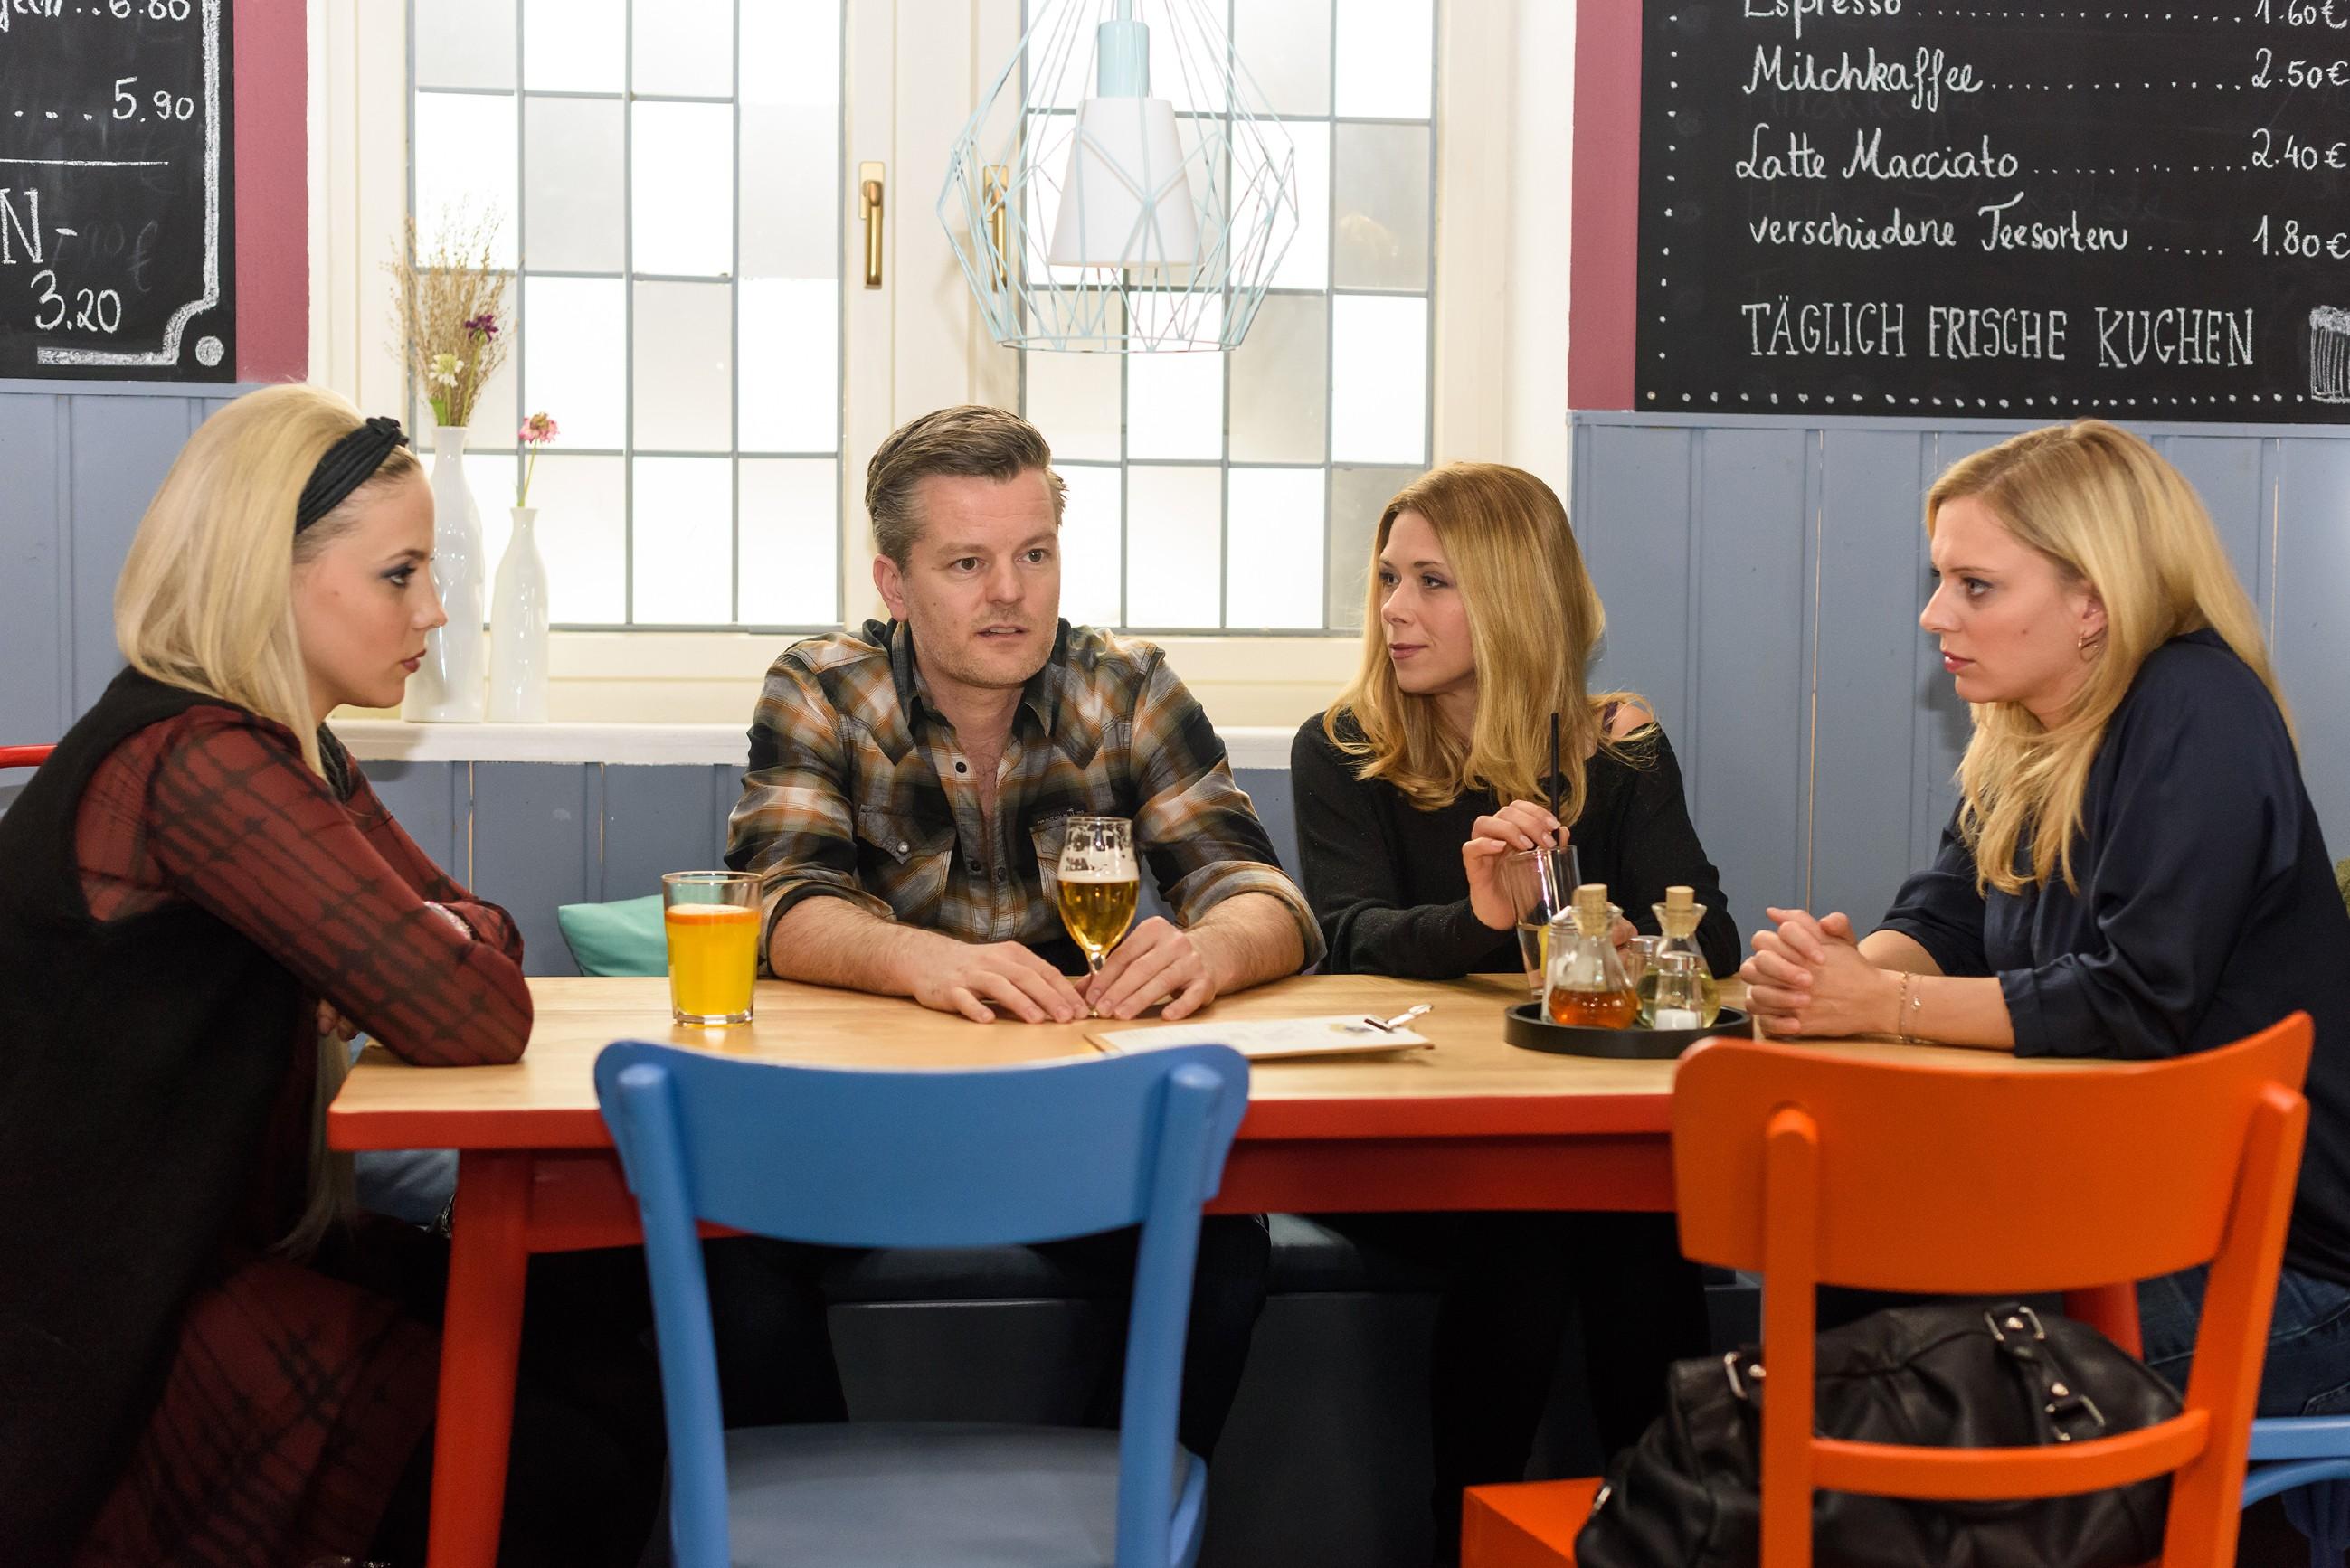 V.l.: Iva (Christina Klein), Ingo (André Dietz), Diana (Tanja Scewczenko) und Lena (Juliette Greco) versuchen mit Leos angeblichem Tod abzuschließen. (Quelle: RTL / Julia Feldhagen)